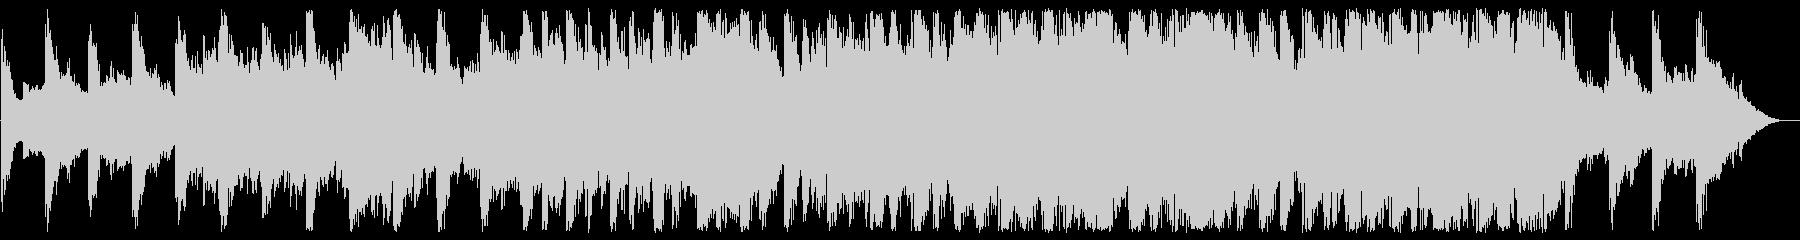 清らかなハープが印象的なBGMの未再生の波形